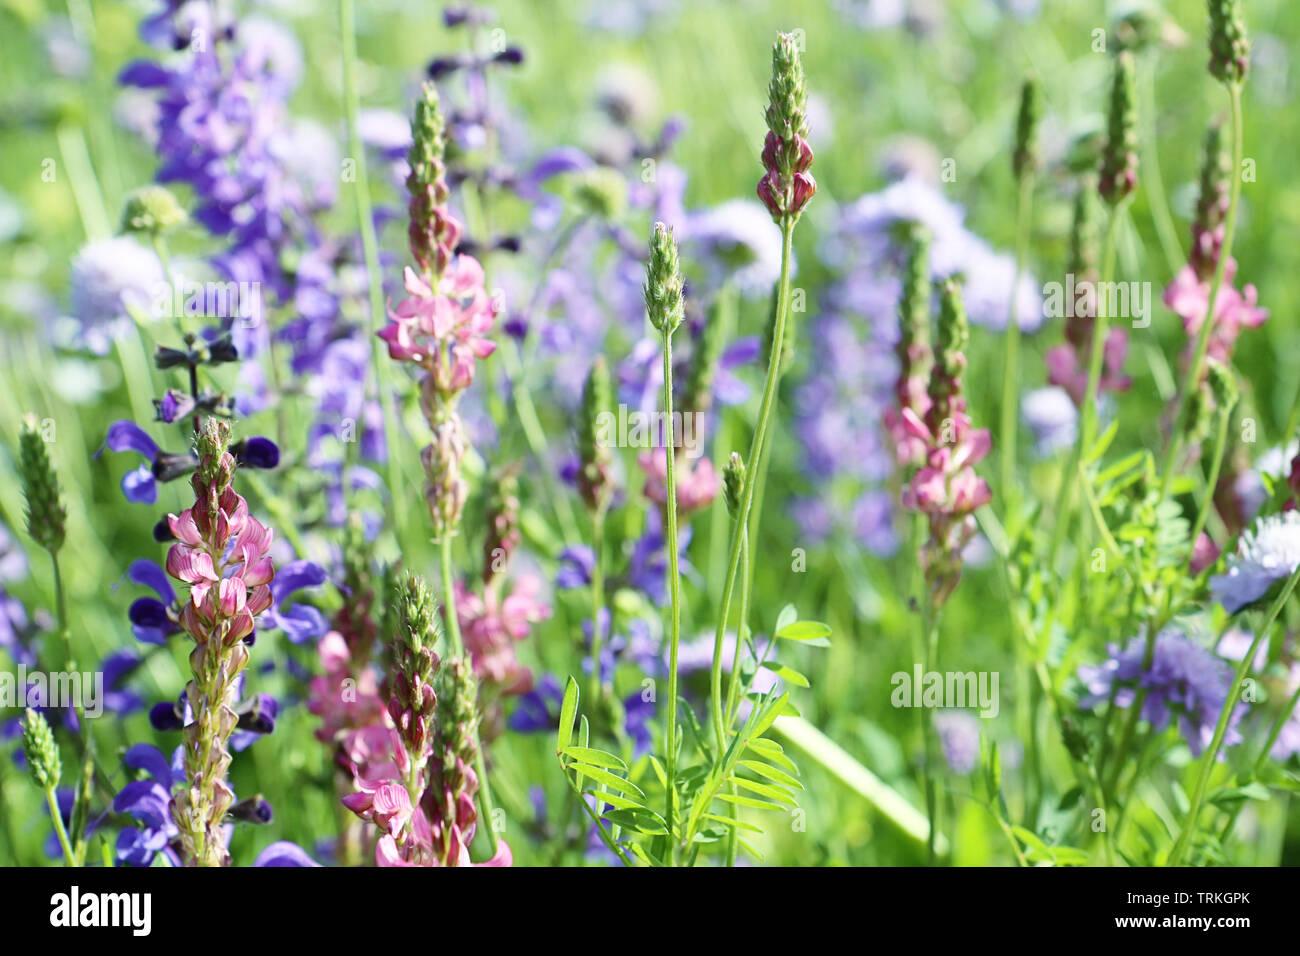 Close up di spontanea primavera rosa e viola selvatica di lupino fiori di un coloratissimo campo rurale in piena fioritura. Sullo sfondo della natura, soft focus e blur Foto Stock